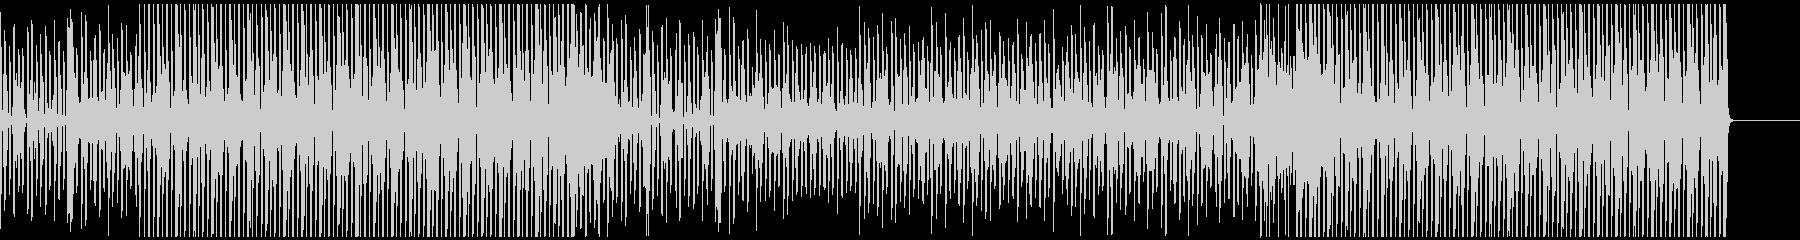 近未来を感じさせる説明動画のBGMに最適の未再生の波形